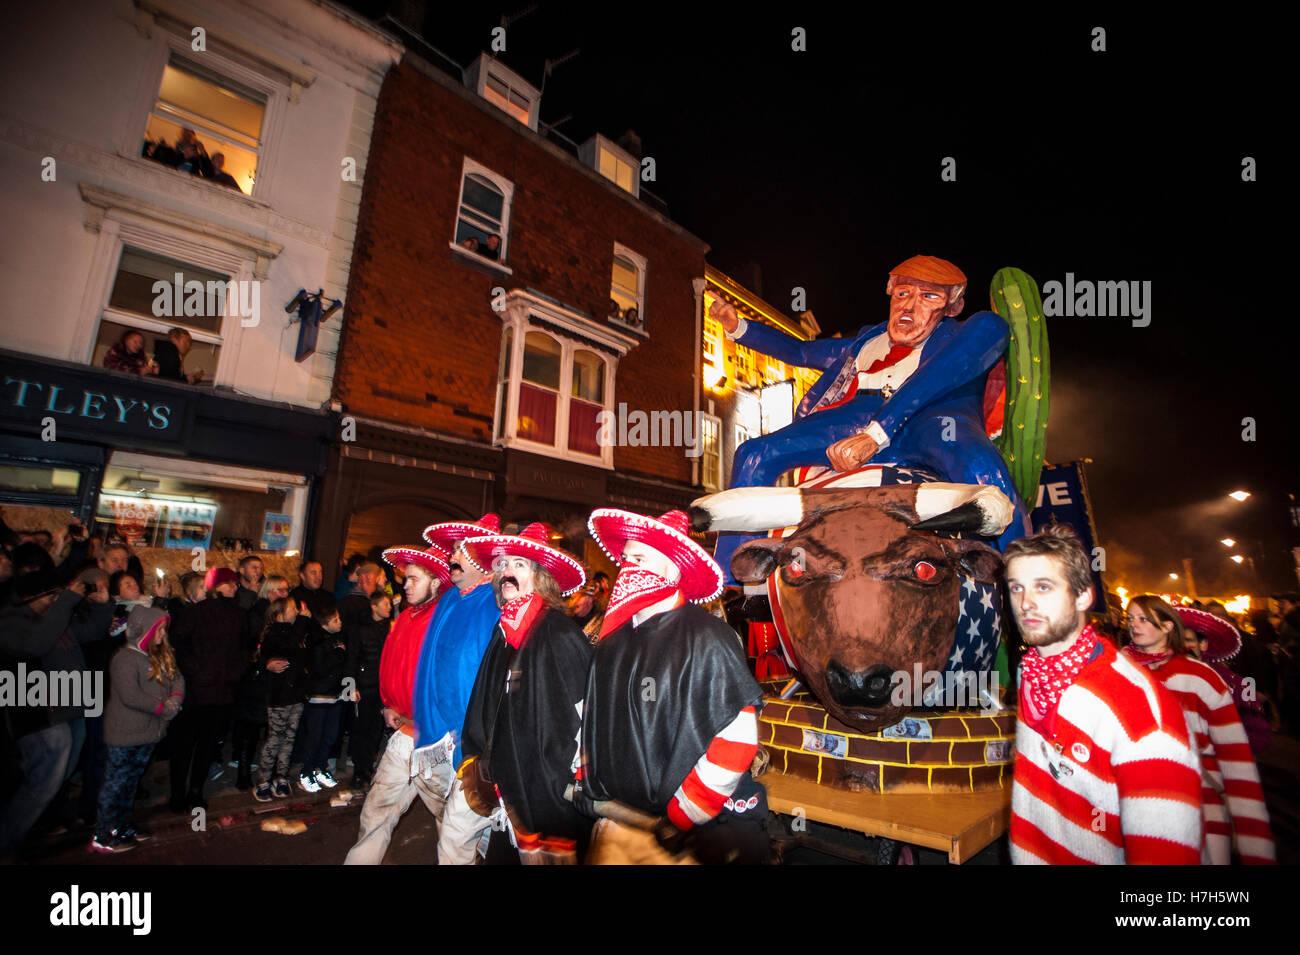 Lewes, UK. 5ème Nov, 2016. Feu de Lewes, nuit de célébrations. L'assemblée annuelle 5 novembre Photo Stock